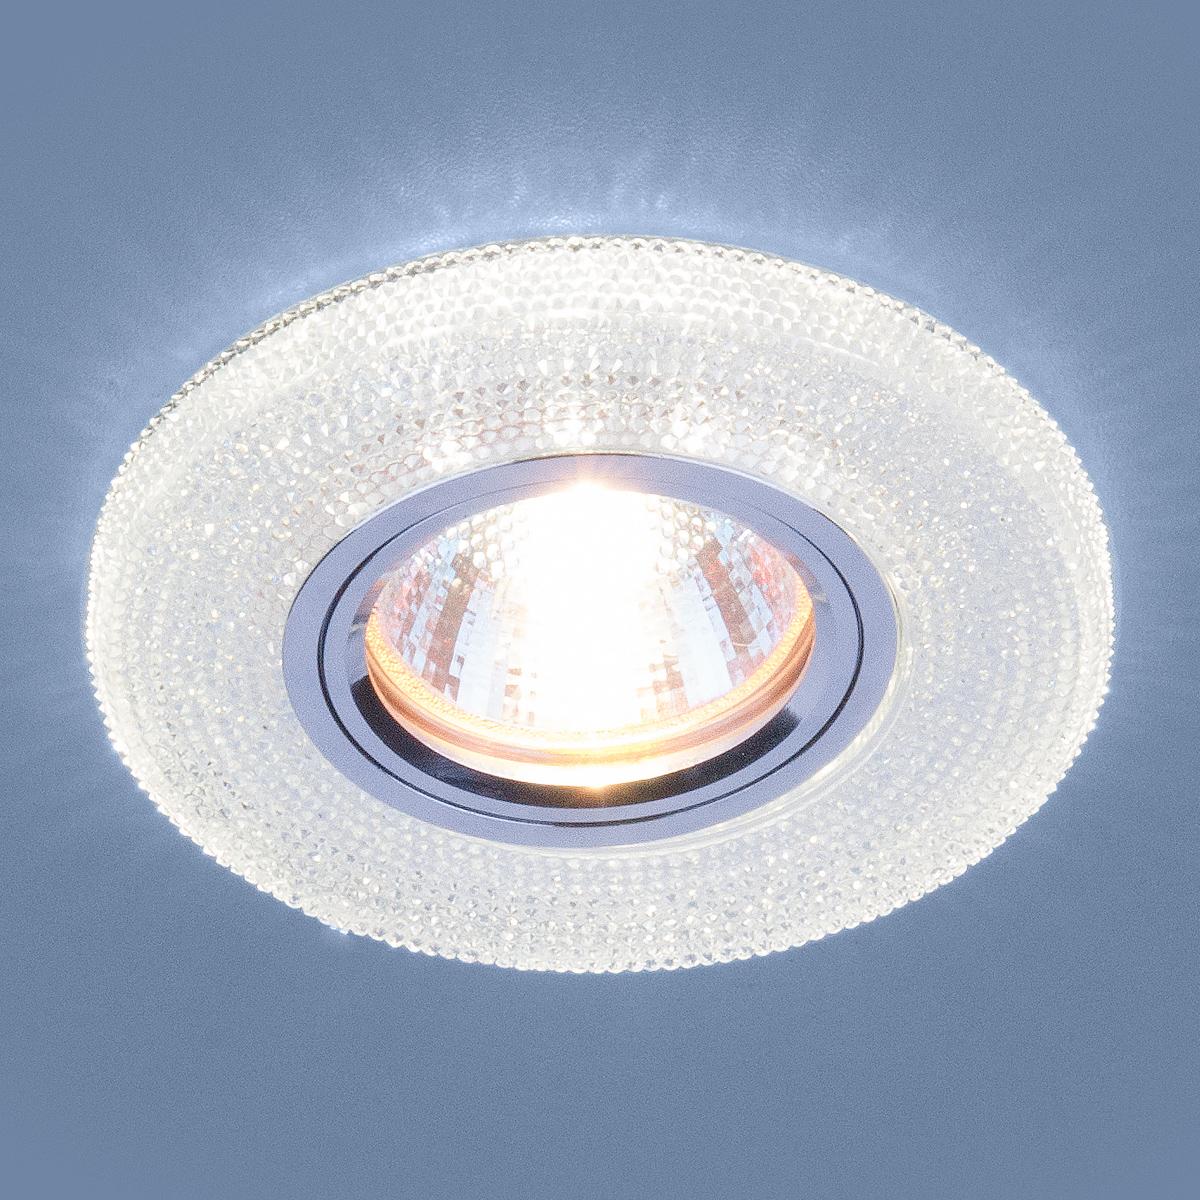 Встраиваемый светильник Elektrostandard, G5.3, 50 Вт встраиваемый светильник elektrostandard g5 3 50 вт